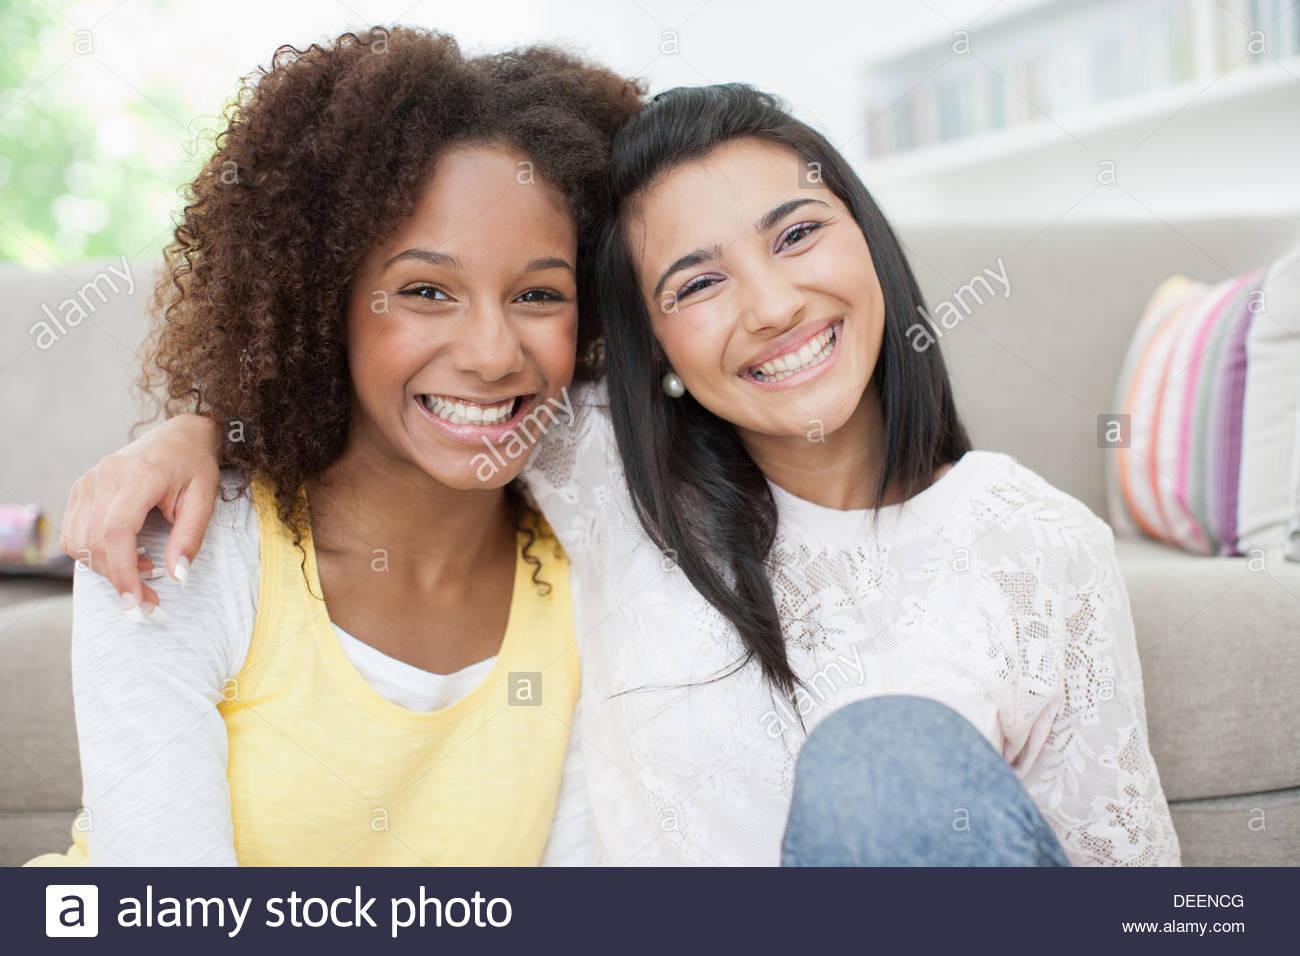 Chicas adolescentes sonriente abrazando Imagen De Stock